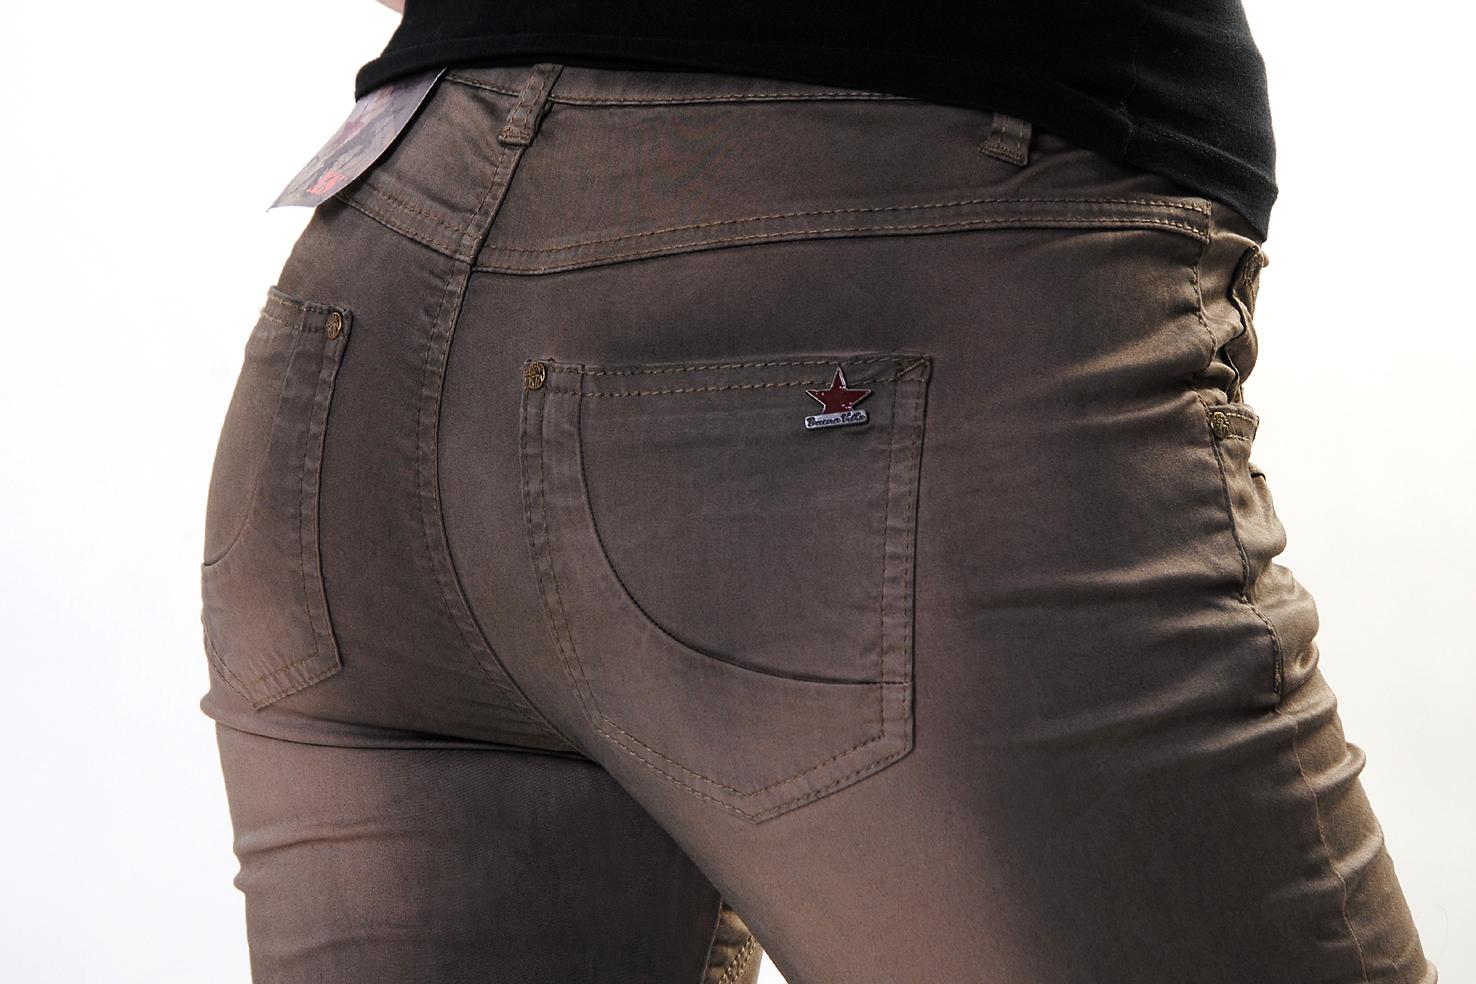 details about buena vista damen stretch jeans hose maja beige. Black Bedroom Furniture Sets. Home Design Ideas